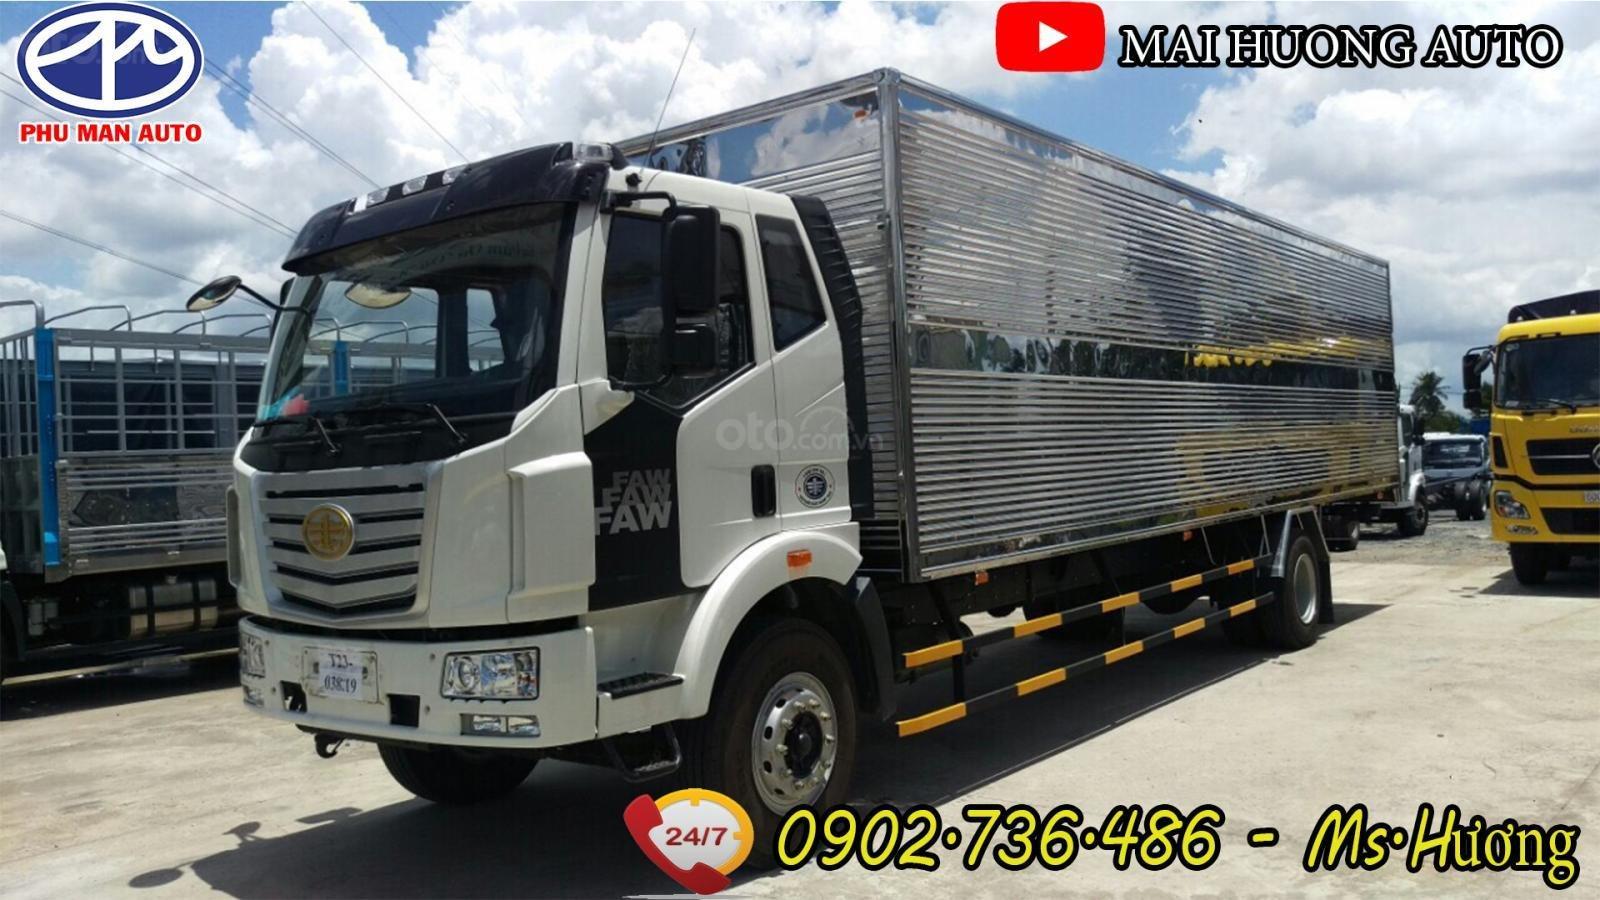 Xe tải Trung Quốc 4x2 thùng dài 9m7   (2)